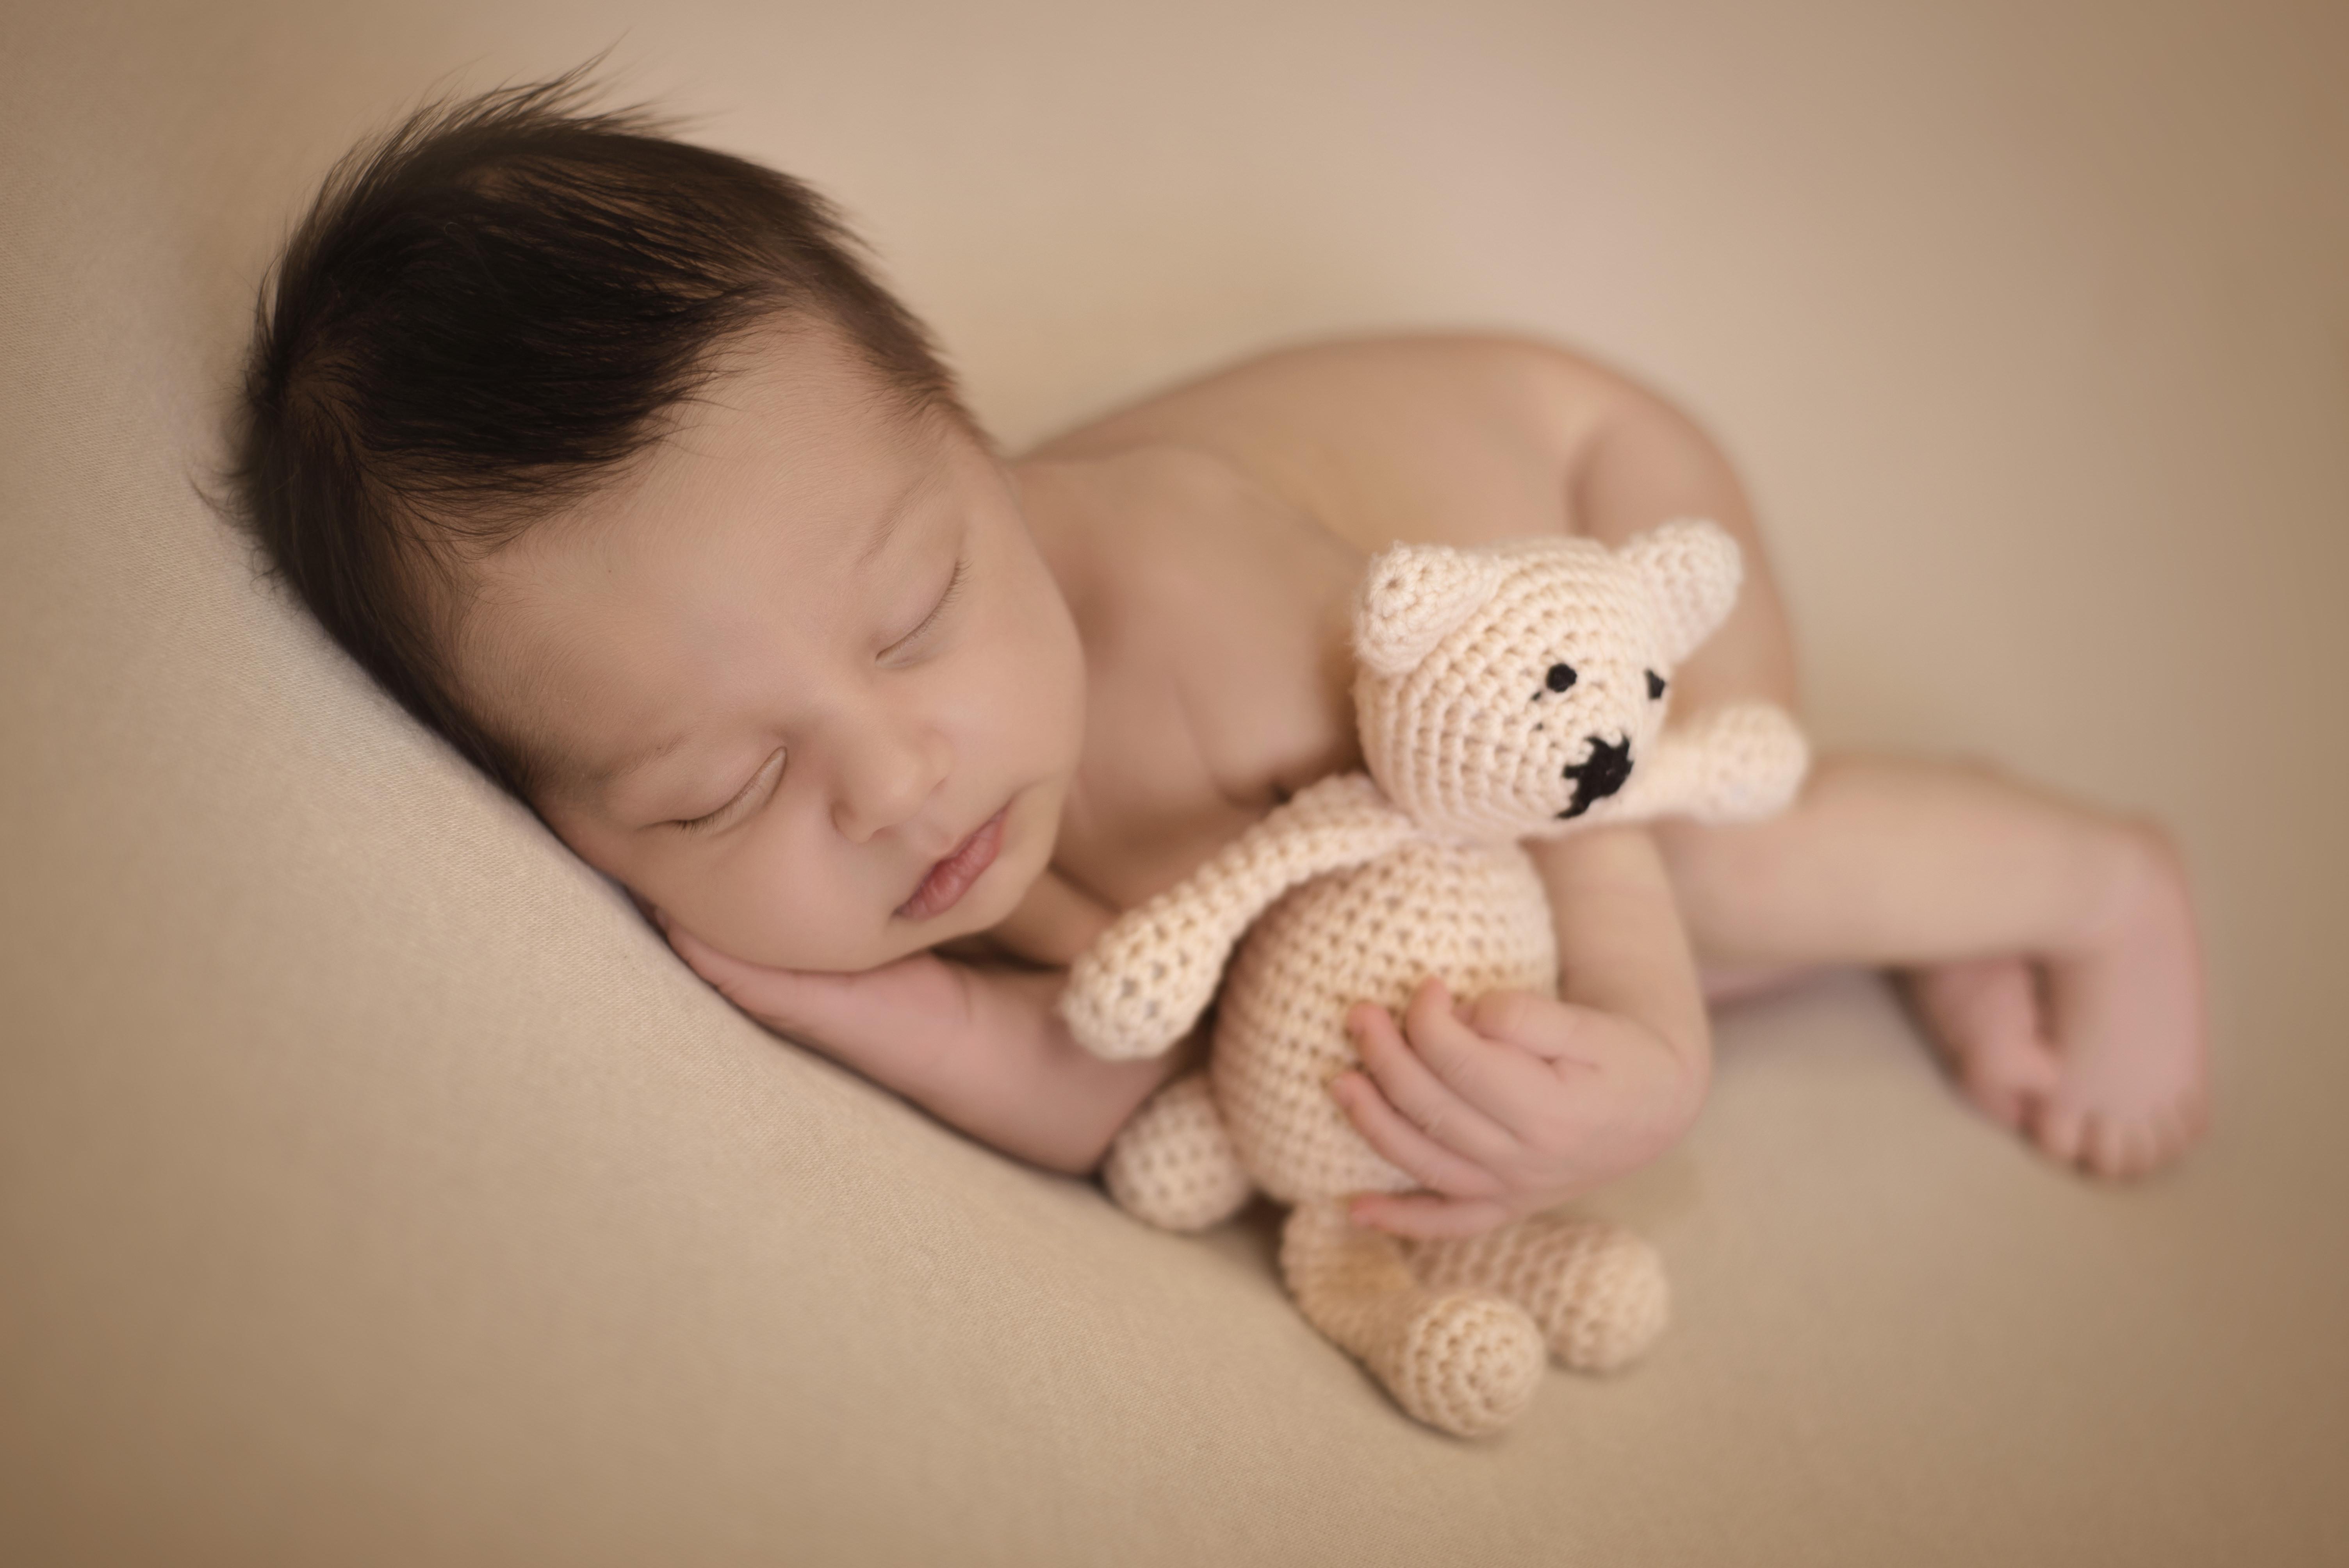 Pasitos_Newborn_Lucas_13